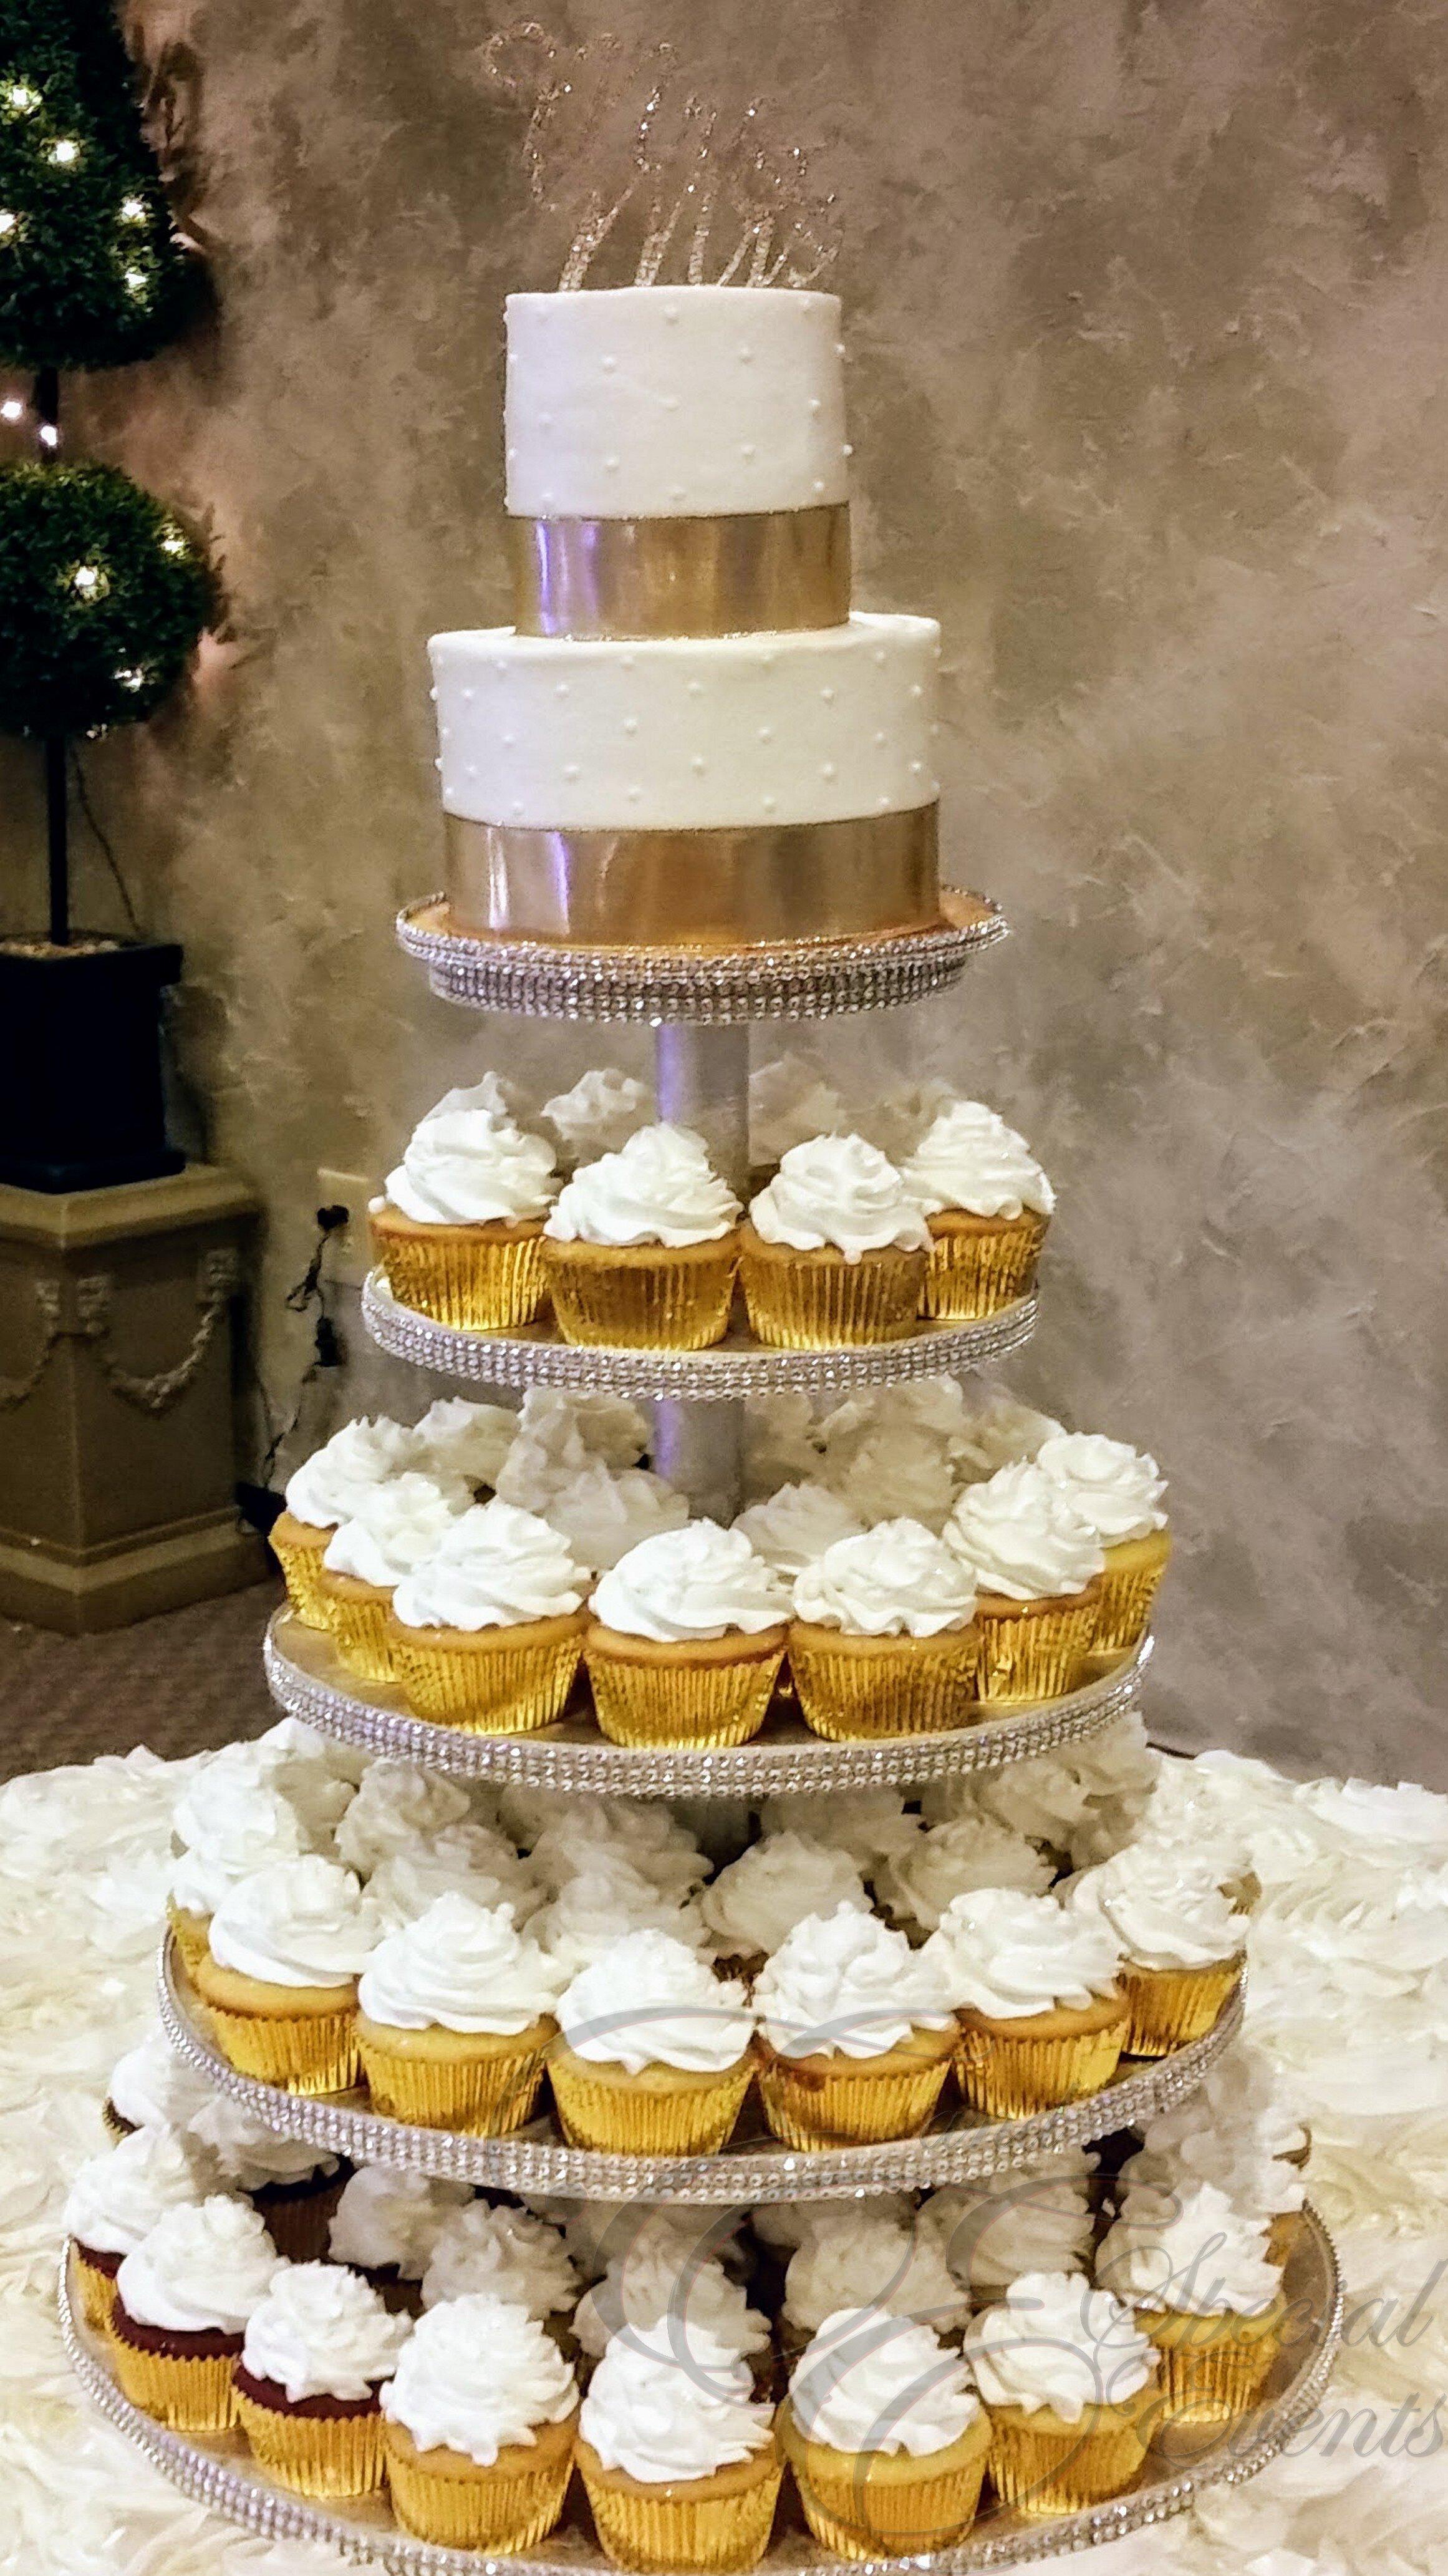 wedding_cakes_E_and_E_Special_Events_virginia_beach_45.jpg